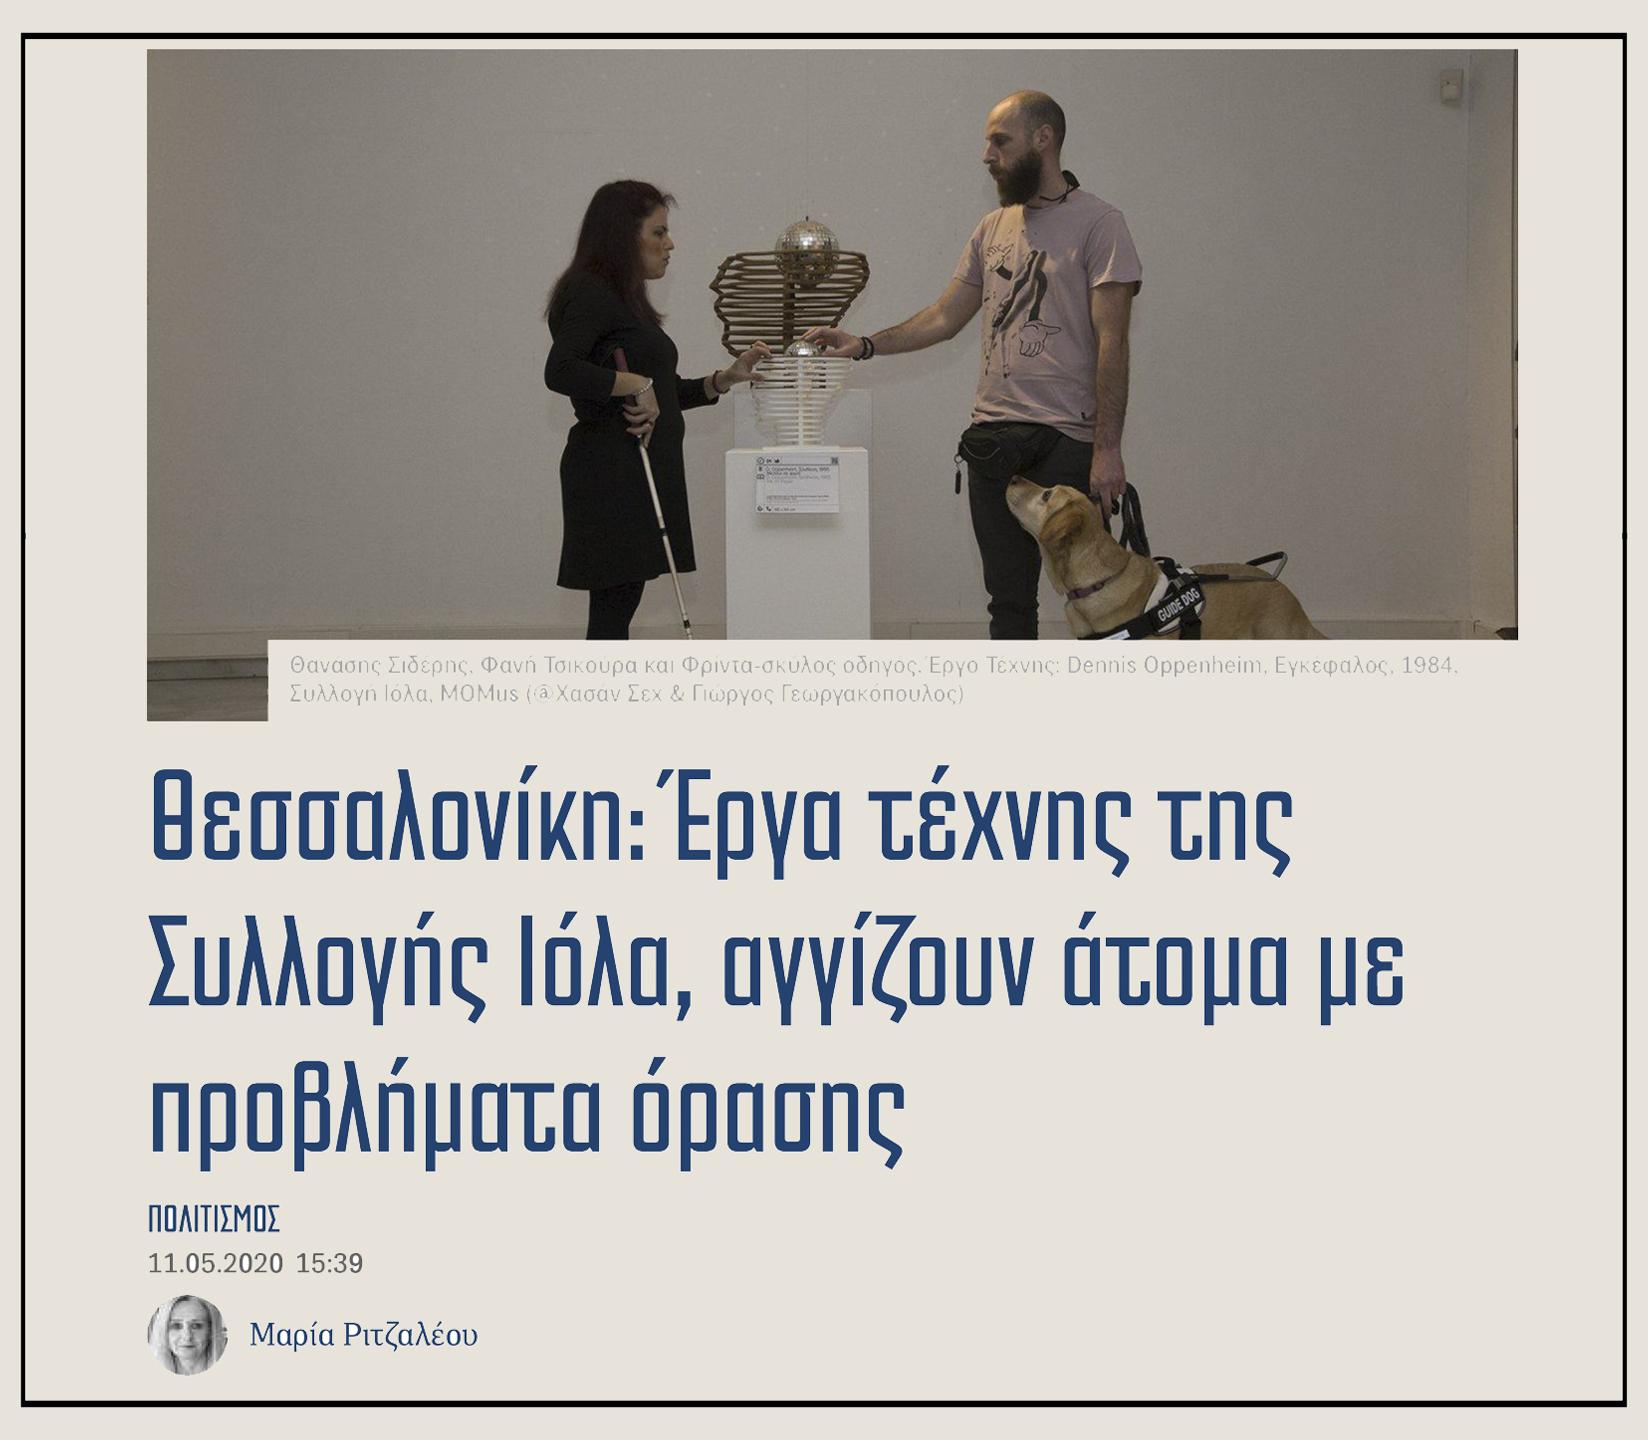 """Εικόνα από το δημοσίευμα στην εφημερίδα """" Έθνος """" από τη δημοσιογράφο Μαρία Ριτζαλέου, που δημοσιεύτηκε στις 11 Μαΐου 2020. Στην εικόνα εμφανίζεται η Φανή Τσικούρα με το Θανάση Σιδέρη και τη Φρίντα σκύλο οδηγό να ψηλαφούν το αντίγραφο του έργου """"Εγκέφαλος"""" του καλλιτέχνη Ντέννις Όππενχαϊμ που ανήκει στη Συλλογή του MOMus Μουσείο Σύγχρονης Τέχνης. Ο Θανάσης Σιδέρης, ένας νεαρός άνδρας με ξανθή γενειάδα και τη Φρίντα στο σκύλο οδηγό στέκονται στην αριστερή πλευρά του αντιγράφου και η Φανή Τσικούρα στέκεται στη δεξιά πλευρά χαμογελώντας. Η Φανή Τσικούρα κρατάει στο αριστερό της χέρι το λευκό μπαστούνι."""